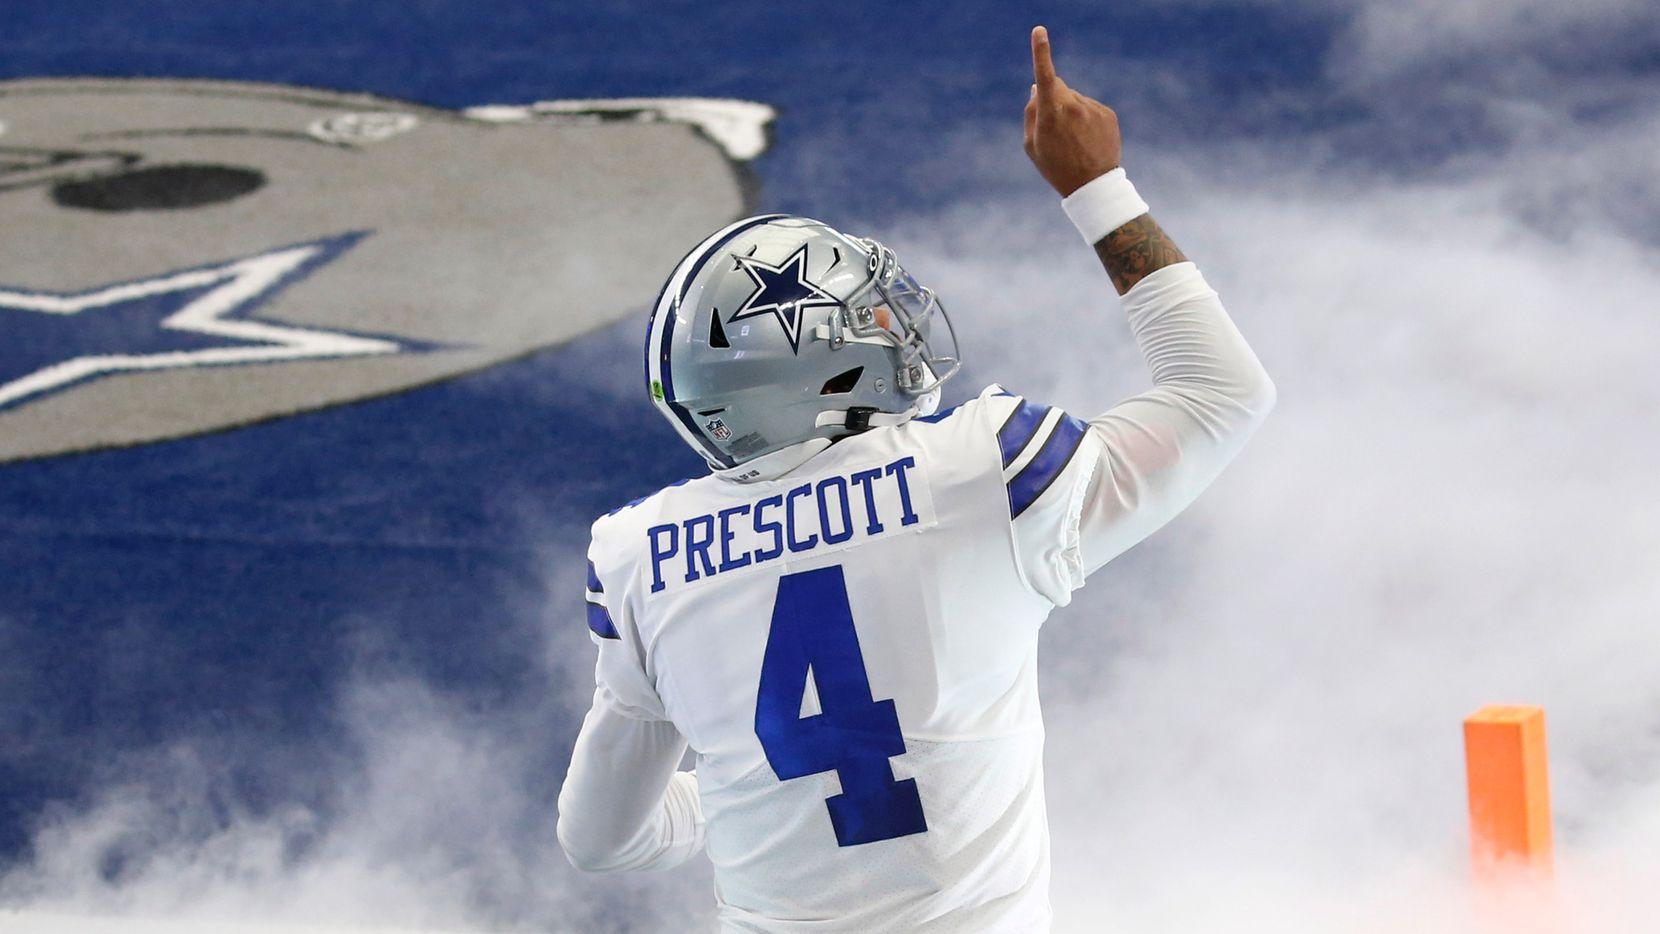 El mariscal de campo de los Cowboys de Dallas, Dak Prescott, está de regreso en el AT&T Stadium para enfrentar a los Eagles de Filadelfia.